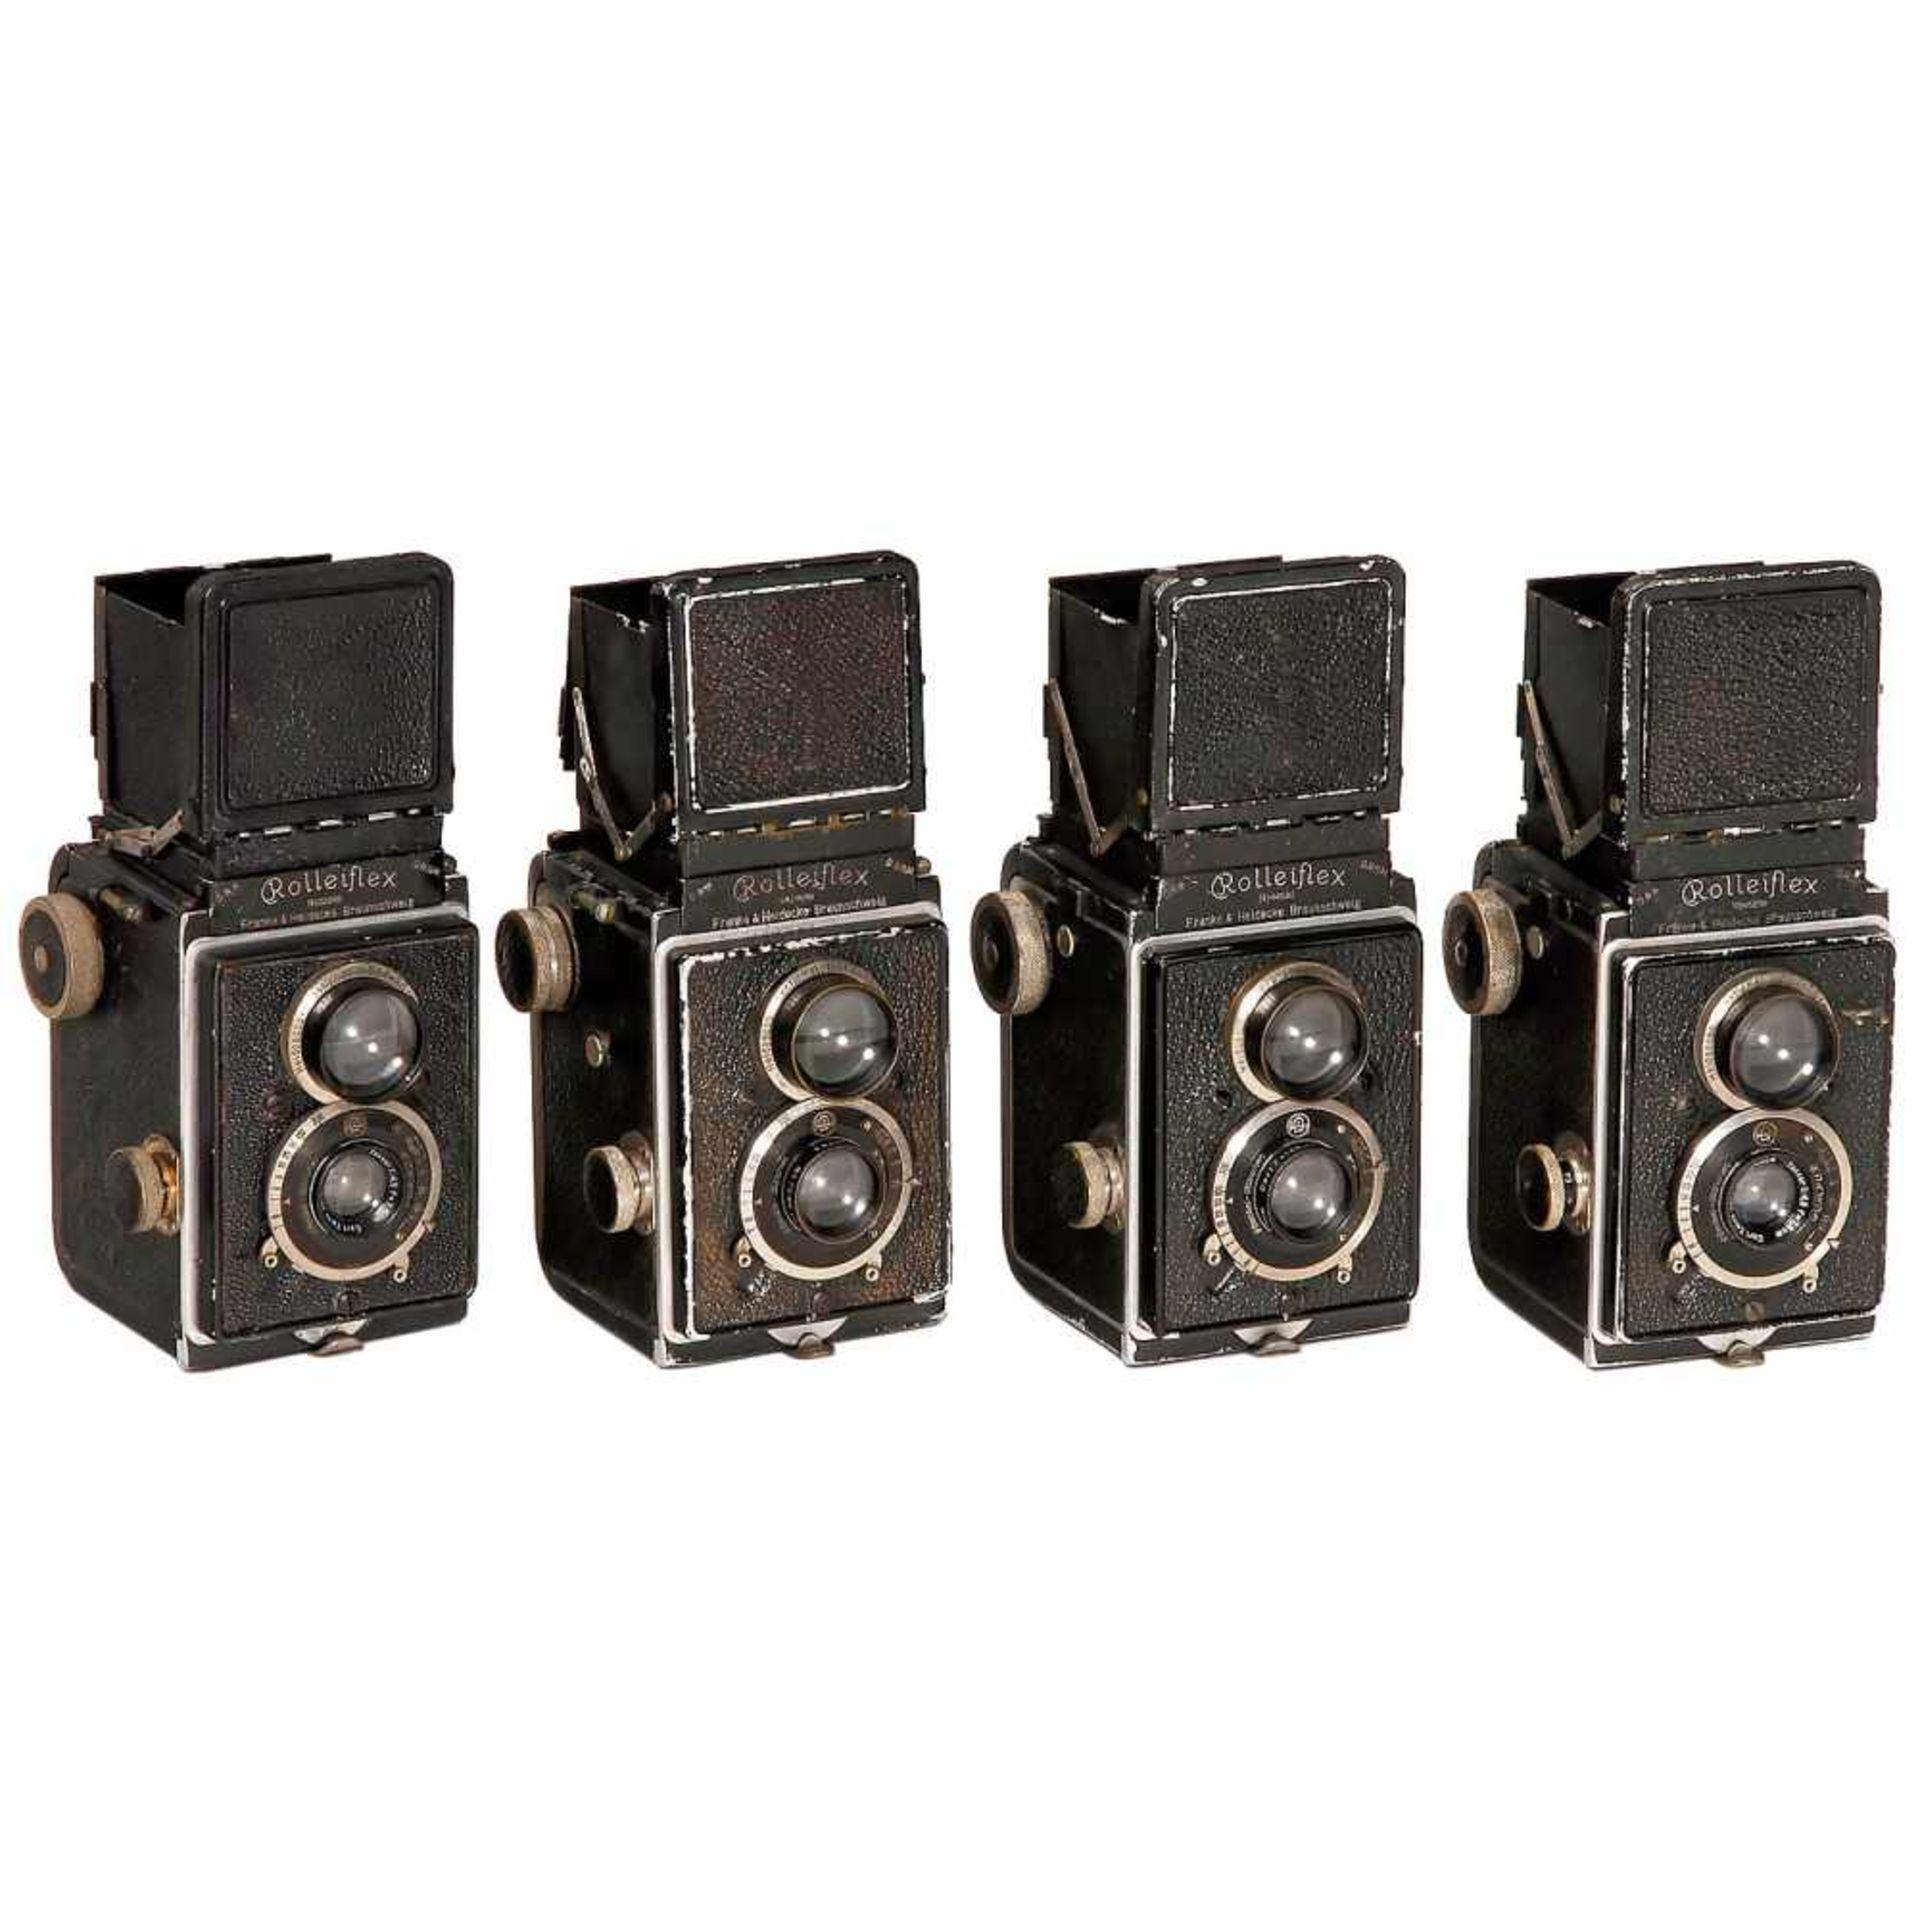 4 Rolleiflex TLR CamerasFranke & Heidecke, Braunschweig. 4 early Rolleiflex 6x6 cameras, c. 1929. 1)